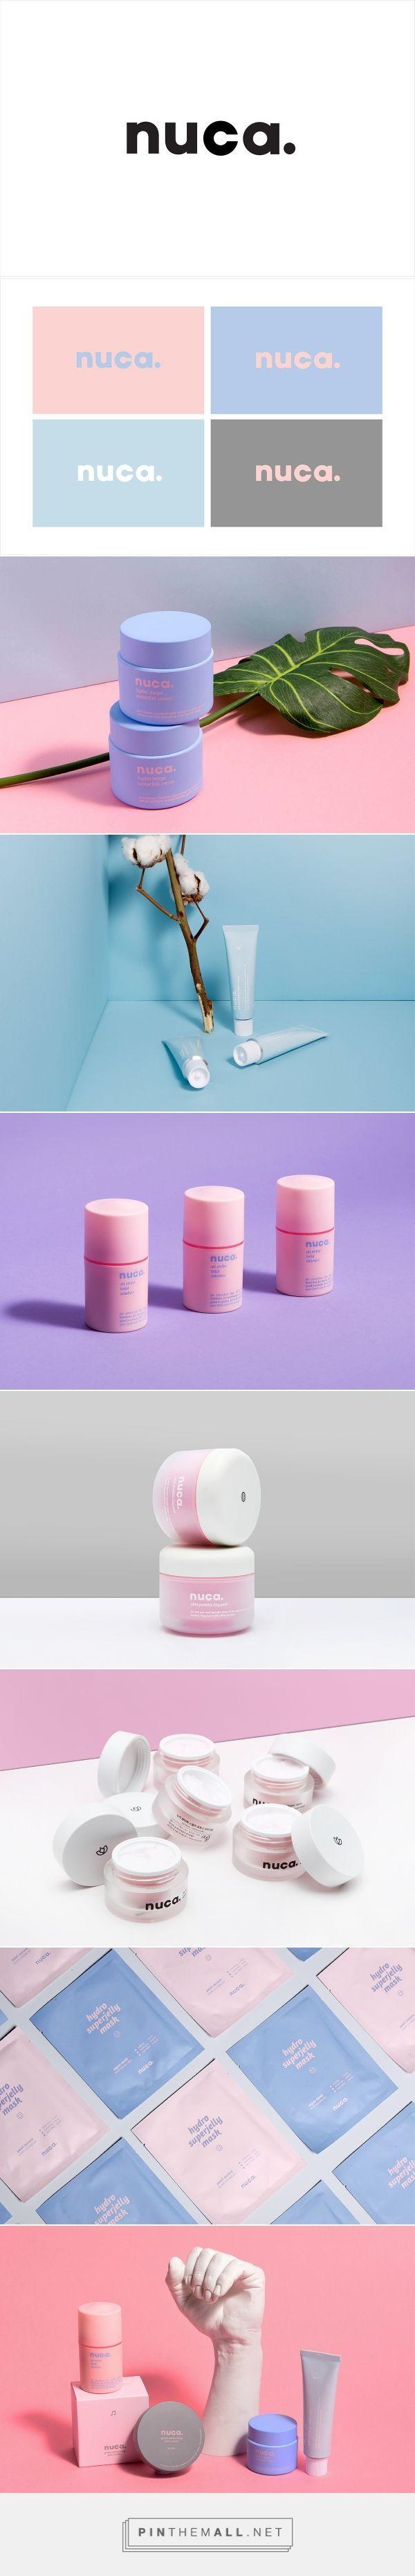 nuca Brand Design on Behance